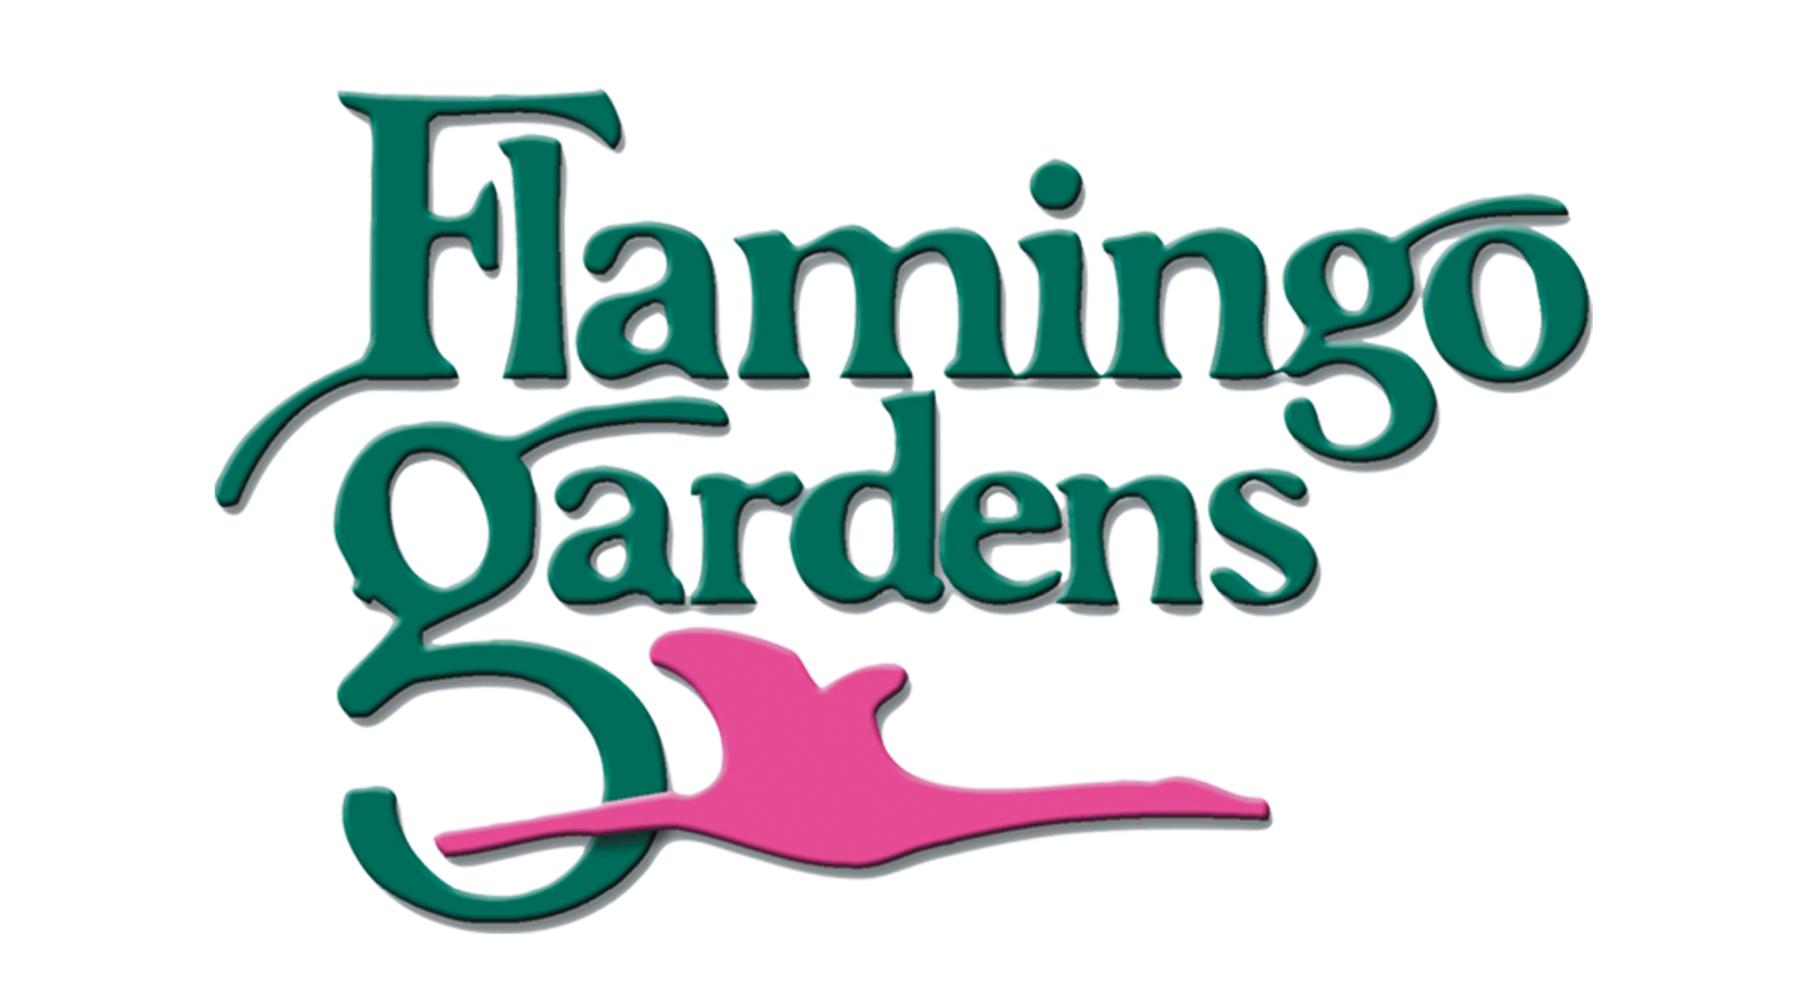 Flamingo gardens adventure pass